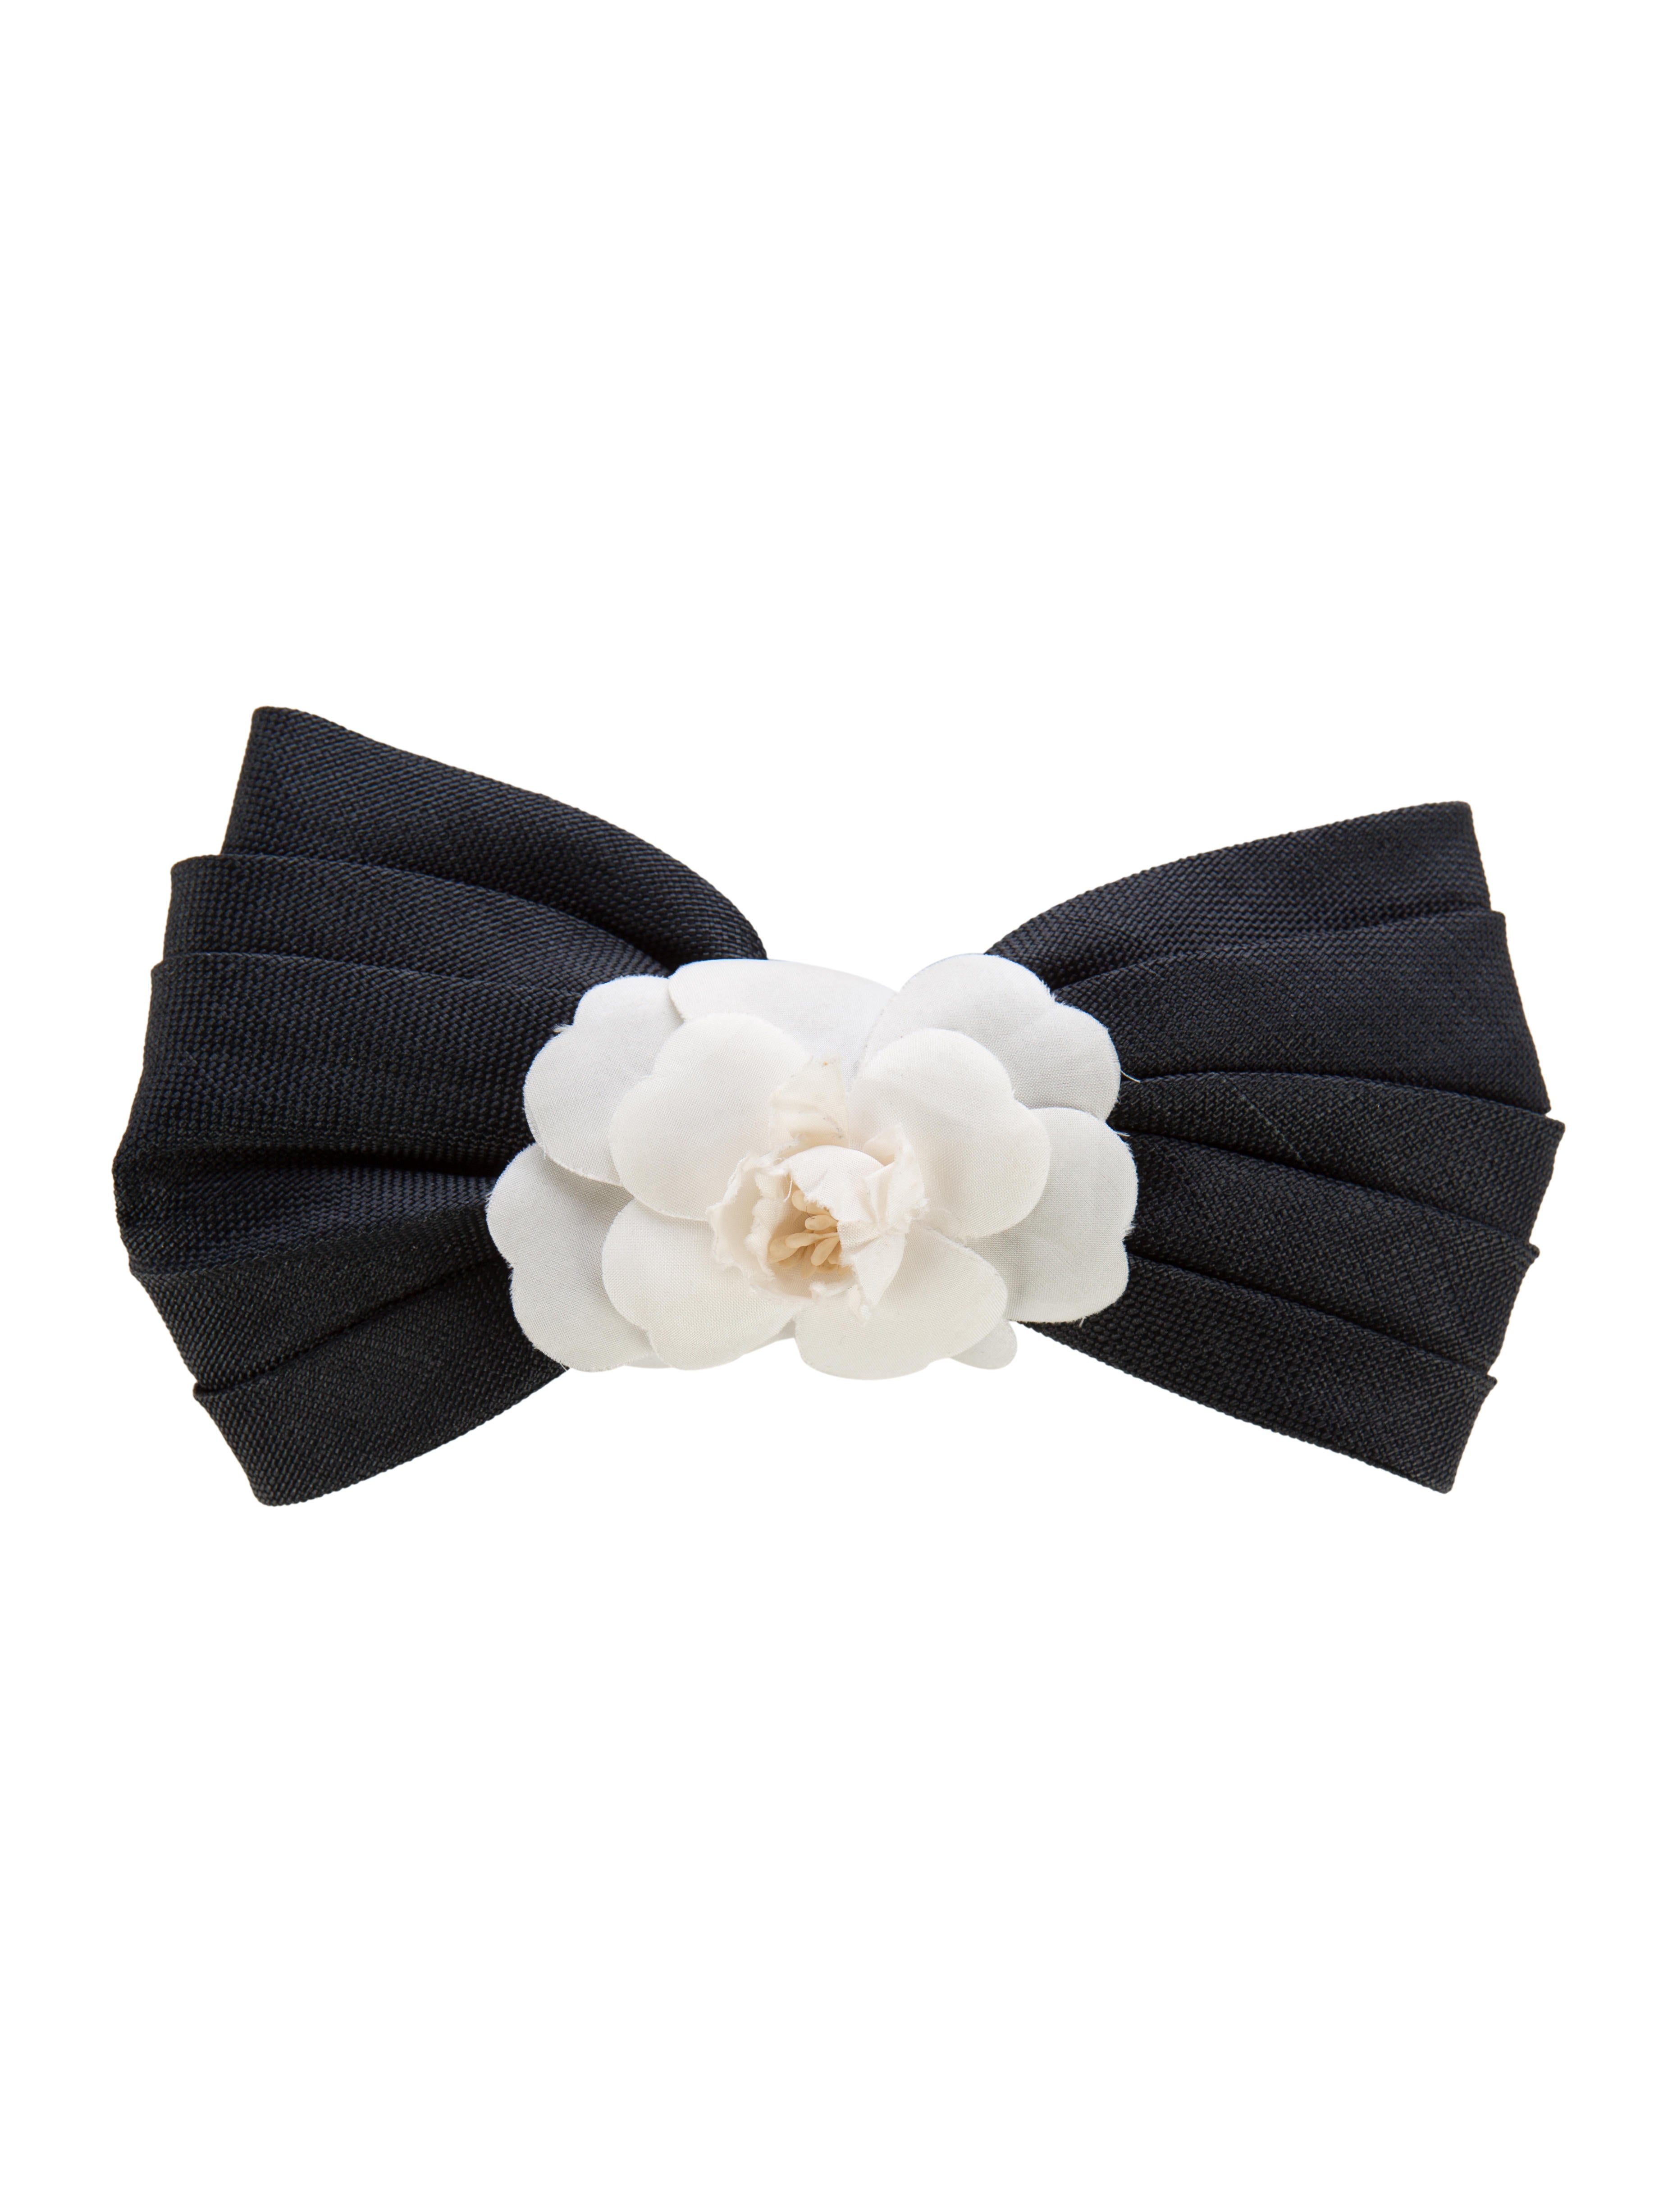 Black bow hair accessories - Camellia Hair Clip